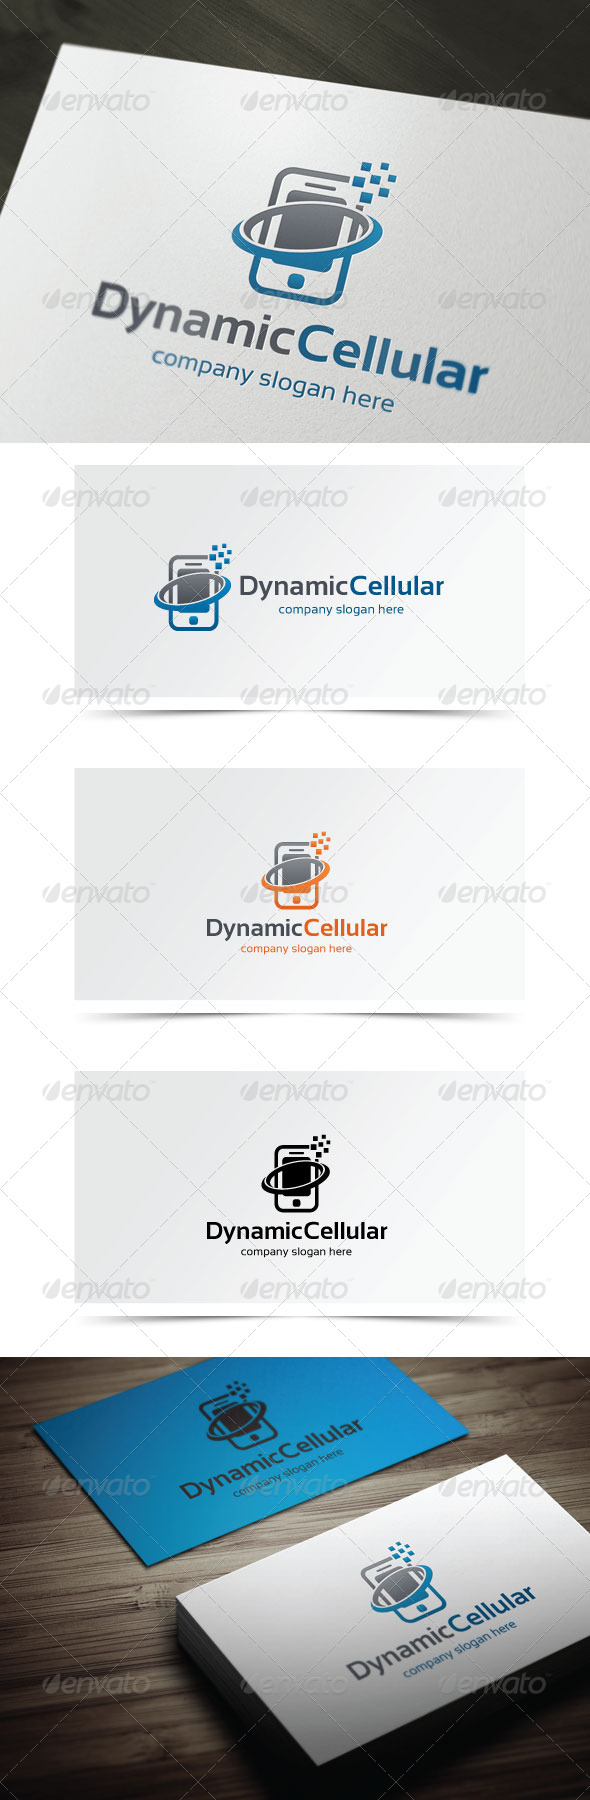 Dynamic Cellular